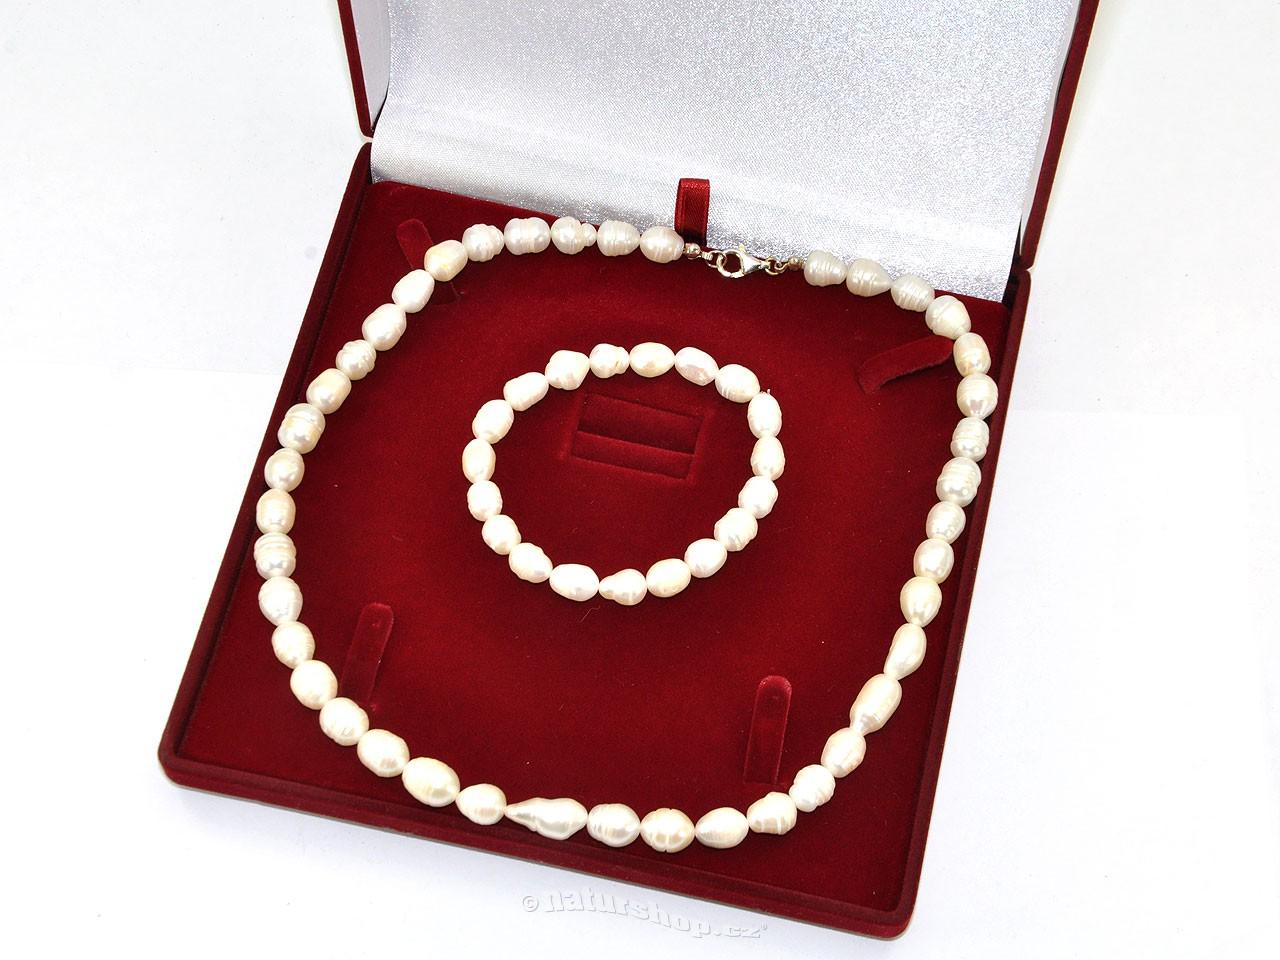 Perly bílé - dárková sada náhrdelník + náramek typ216